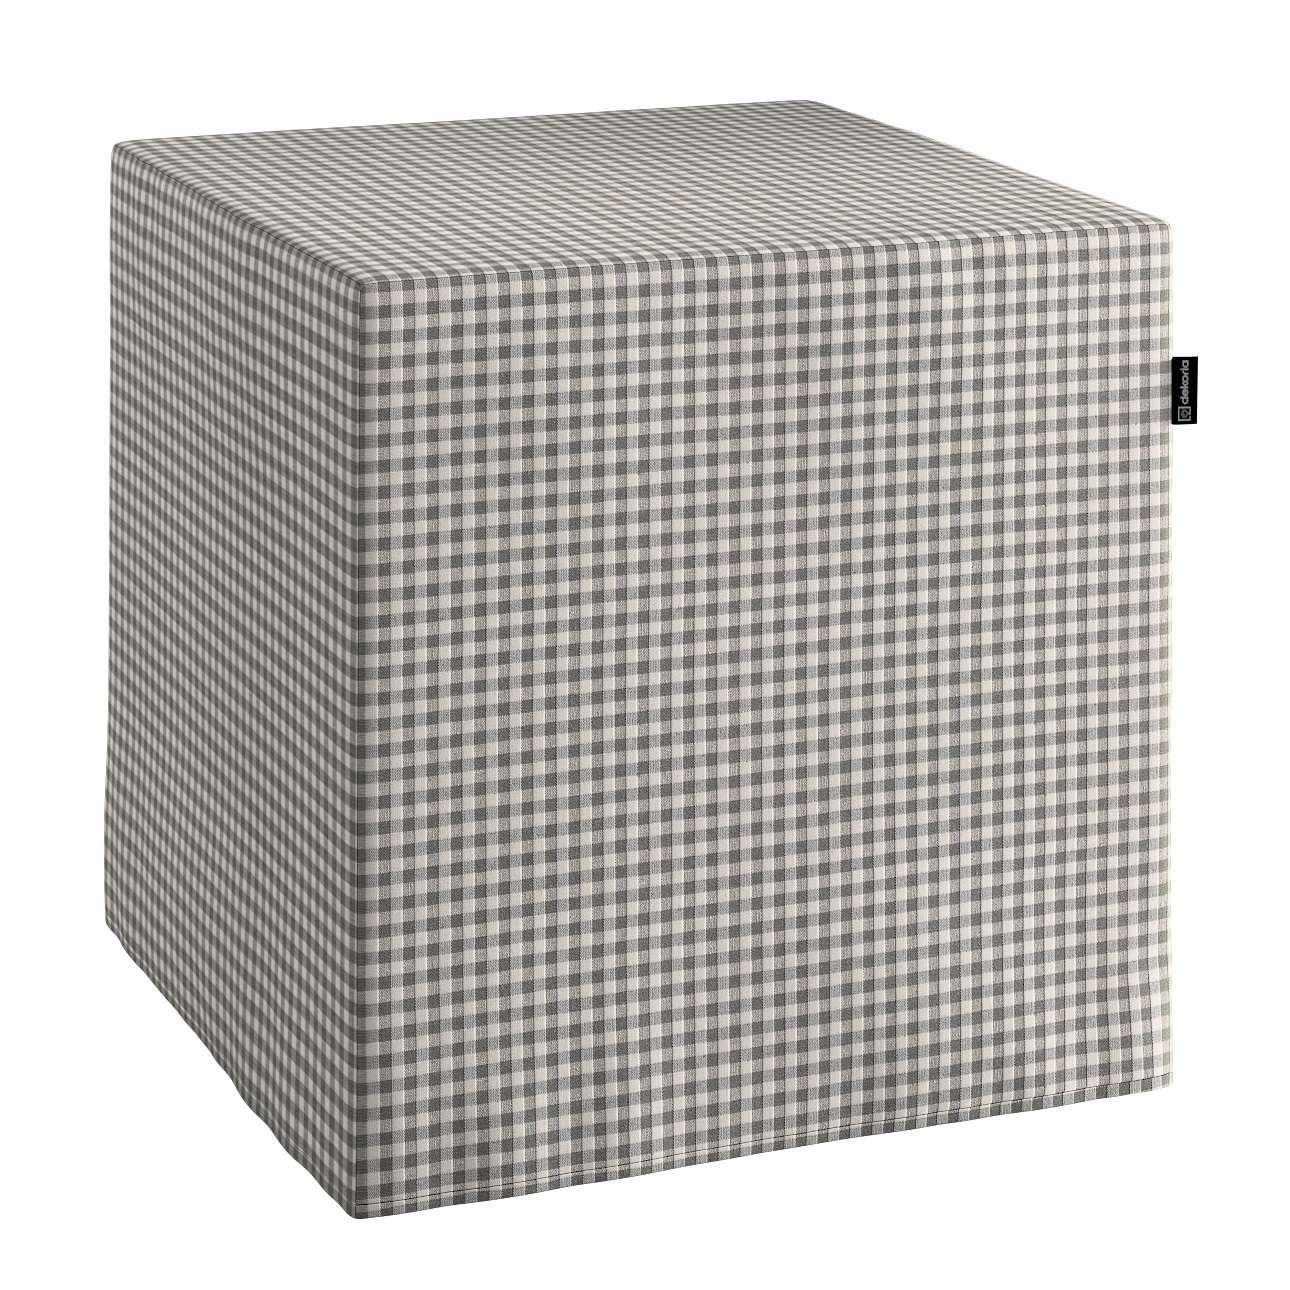 Pufas 40 × 40 × 40 cm kolekcijoje Quadro, audinys: 136-10